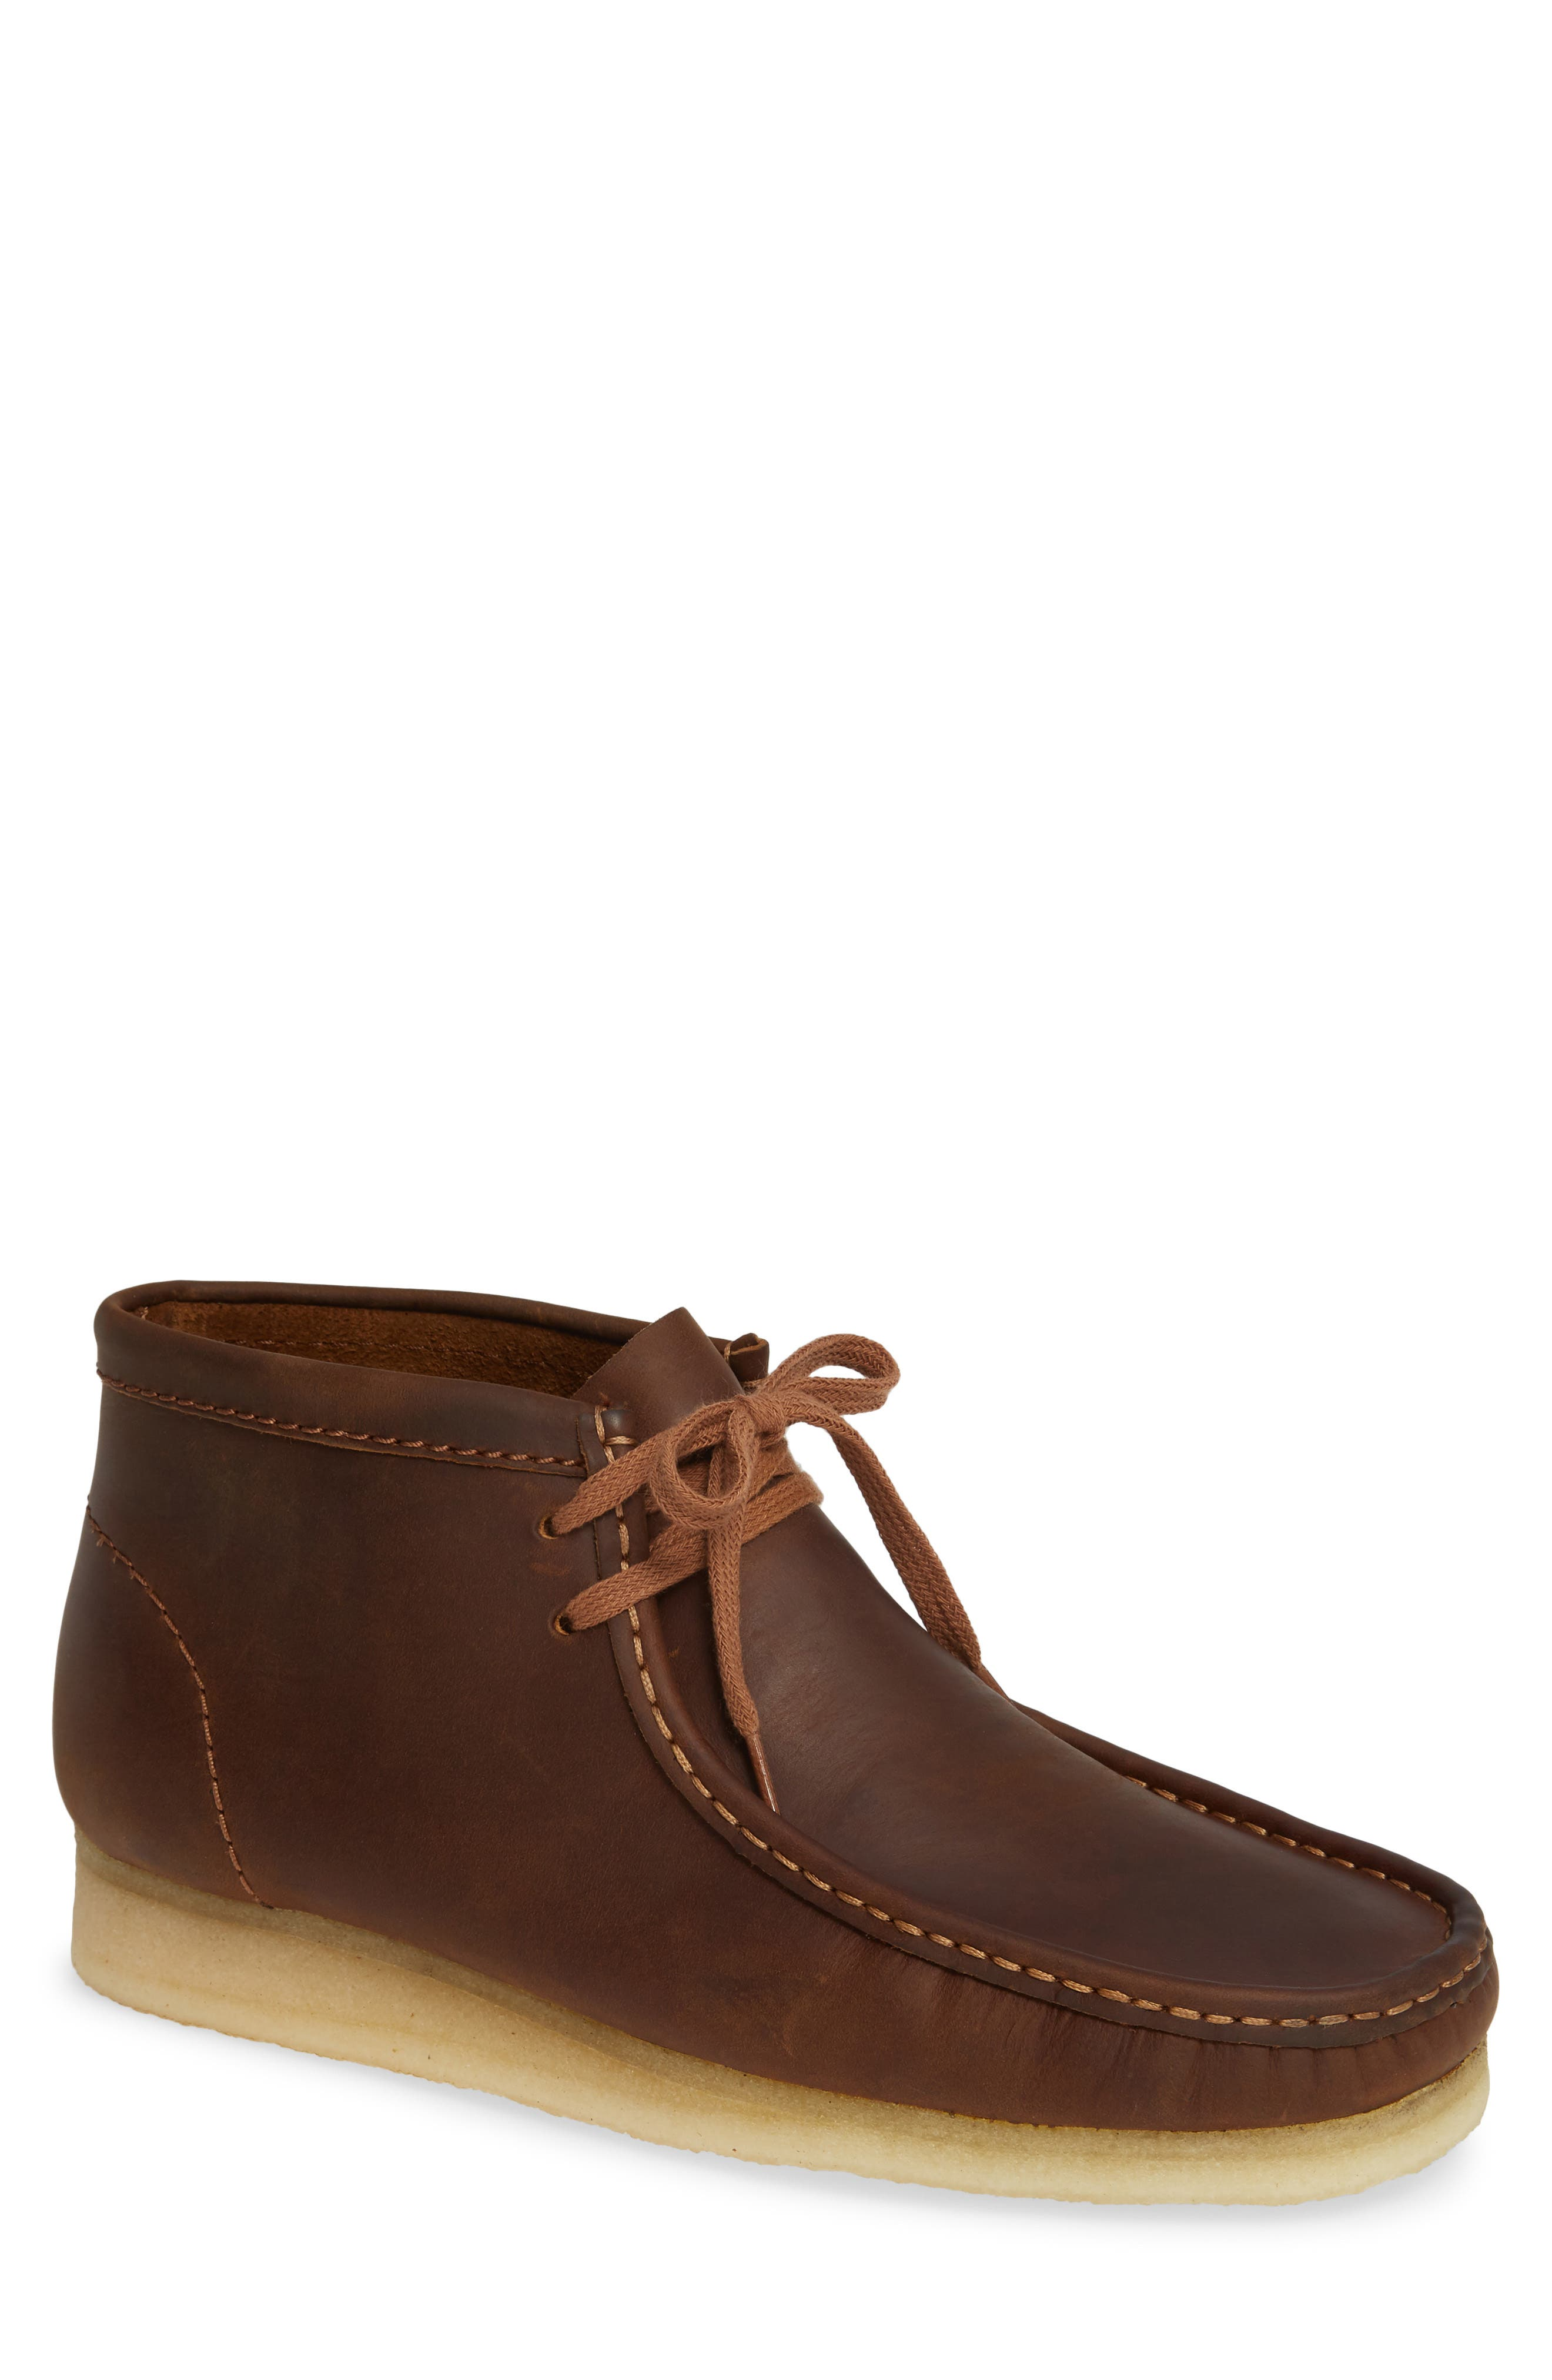 Clarks Originals Wallabee Boot, Brown